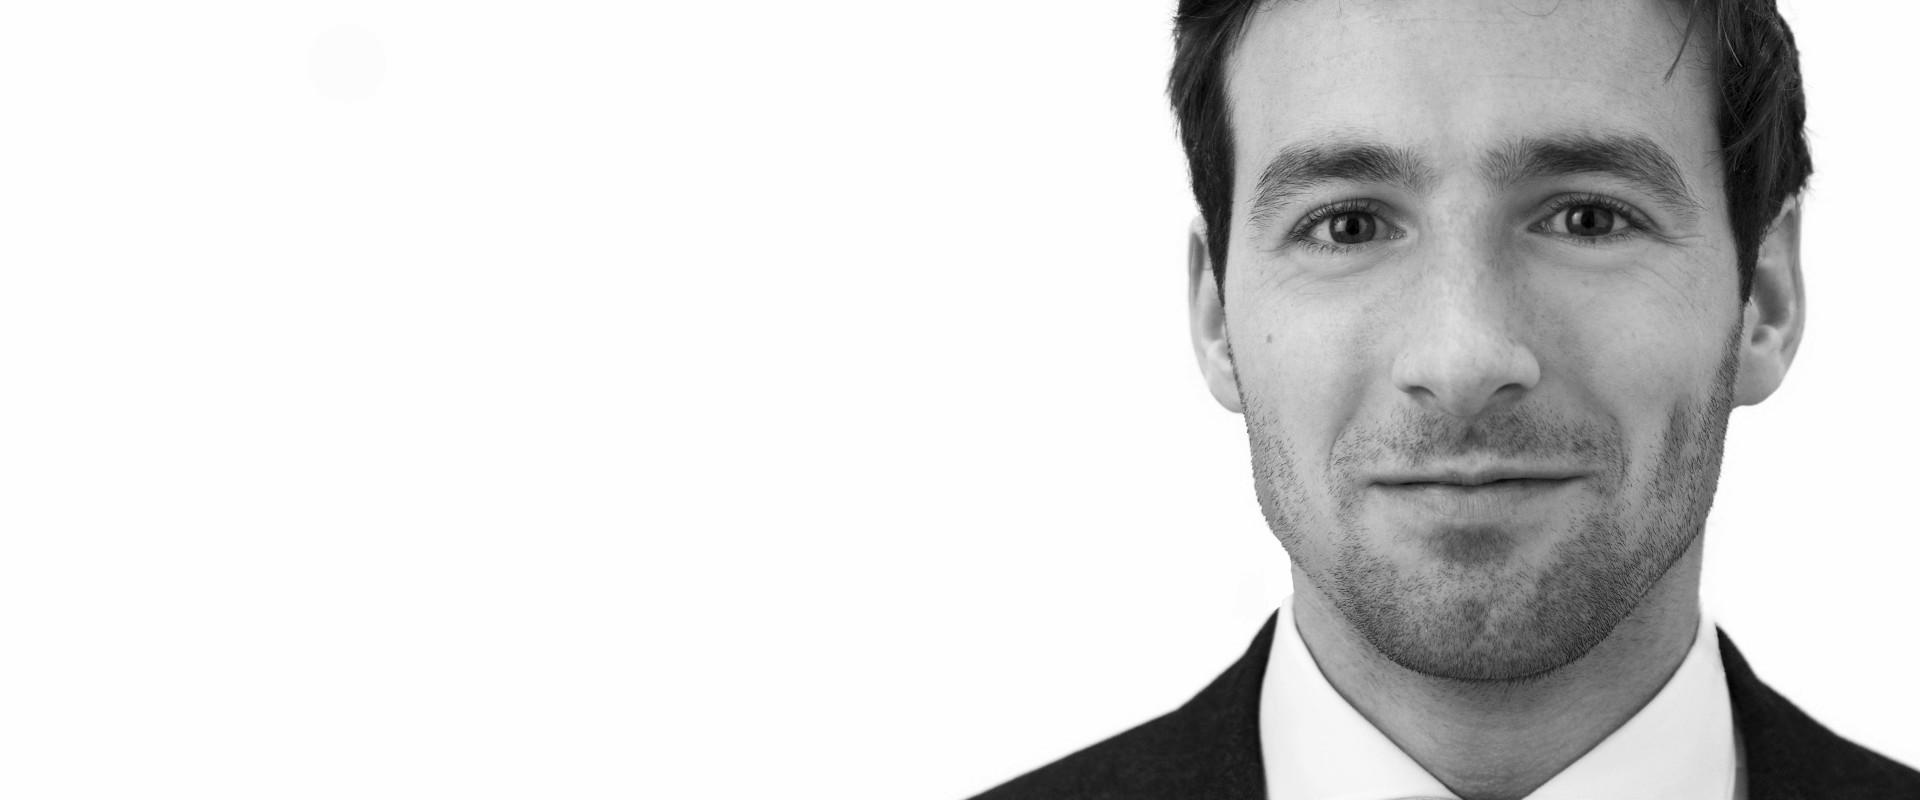 Wachten op reactie Hugo de Jonge op evaluatie Wet donorgegevens